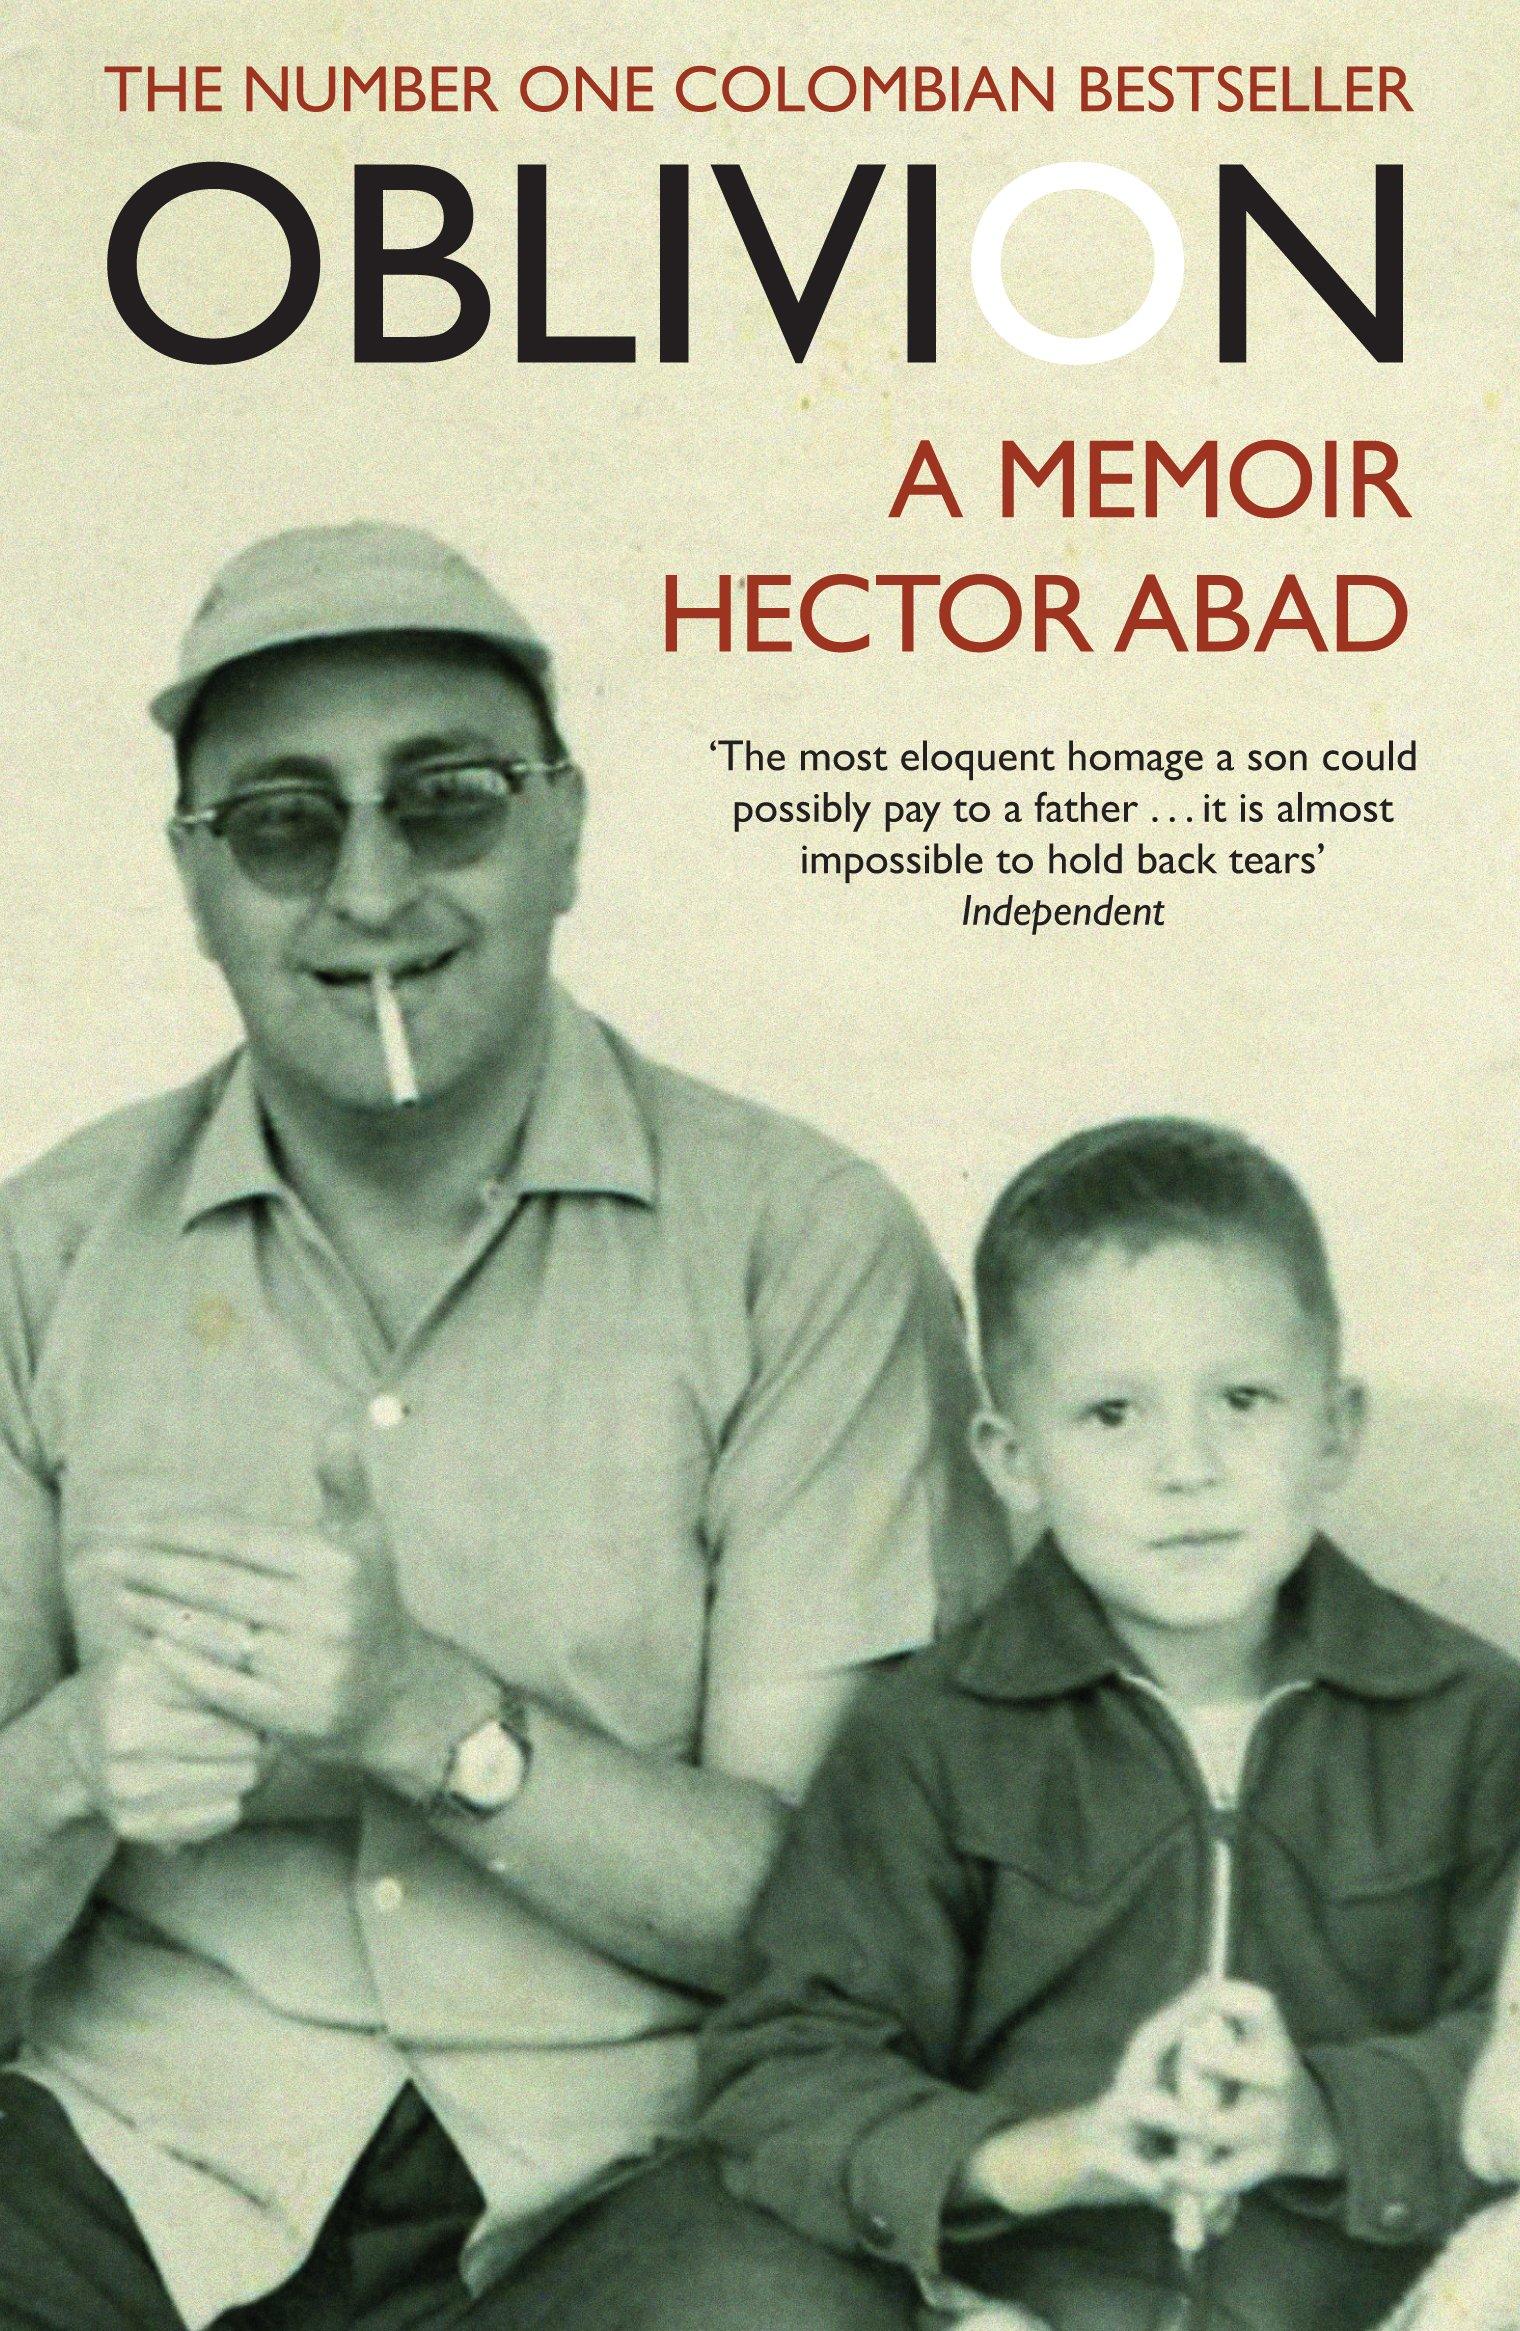 Image result for Héctor Abad, oblivion